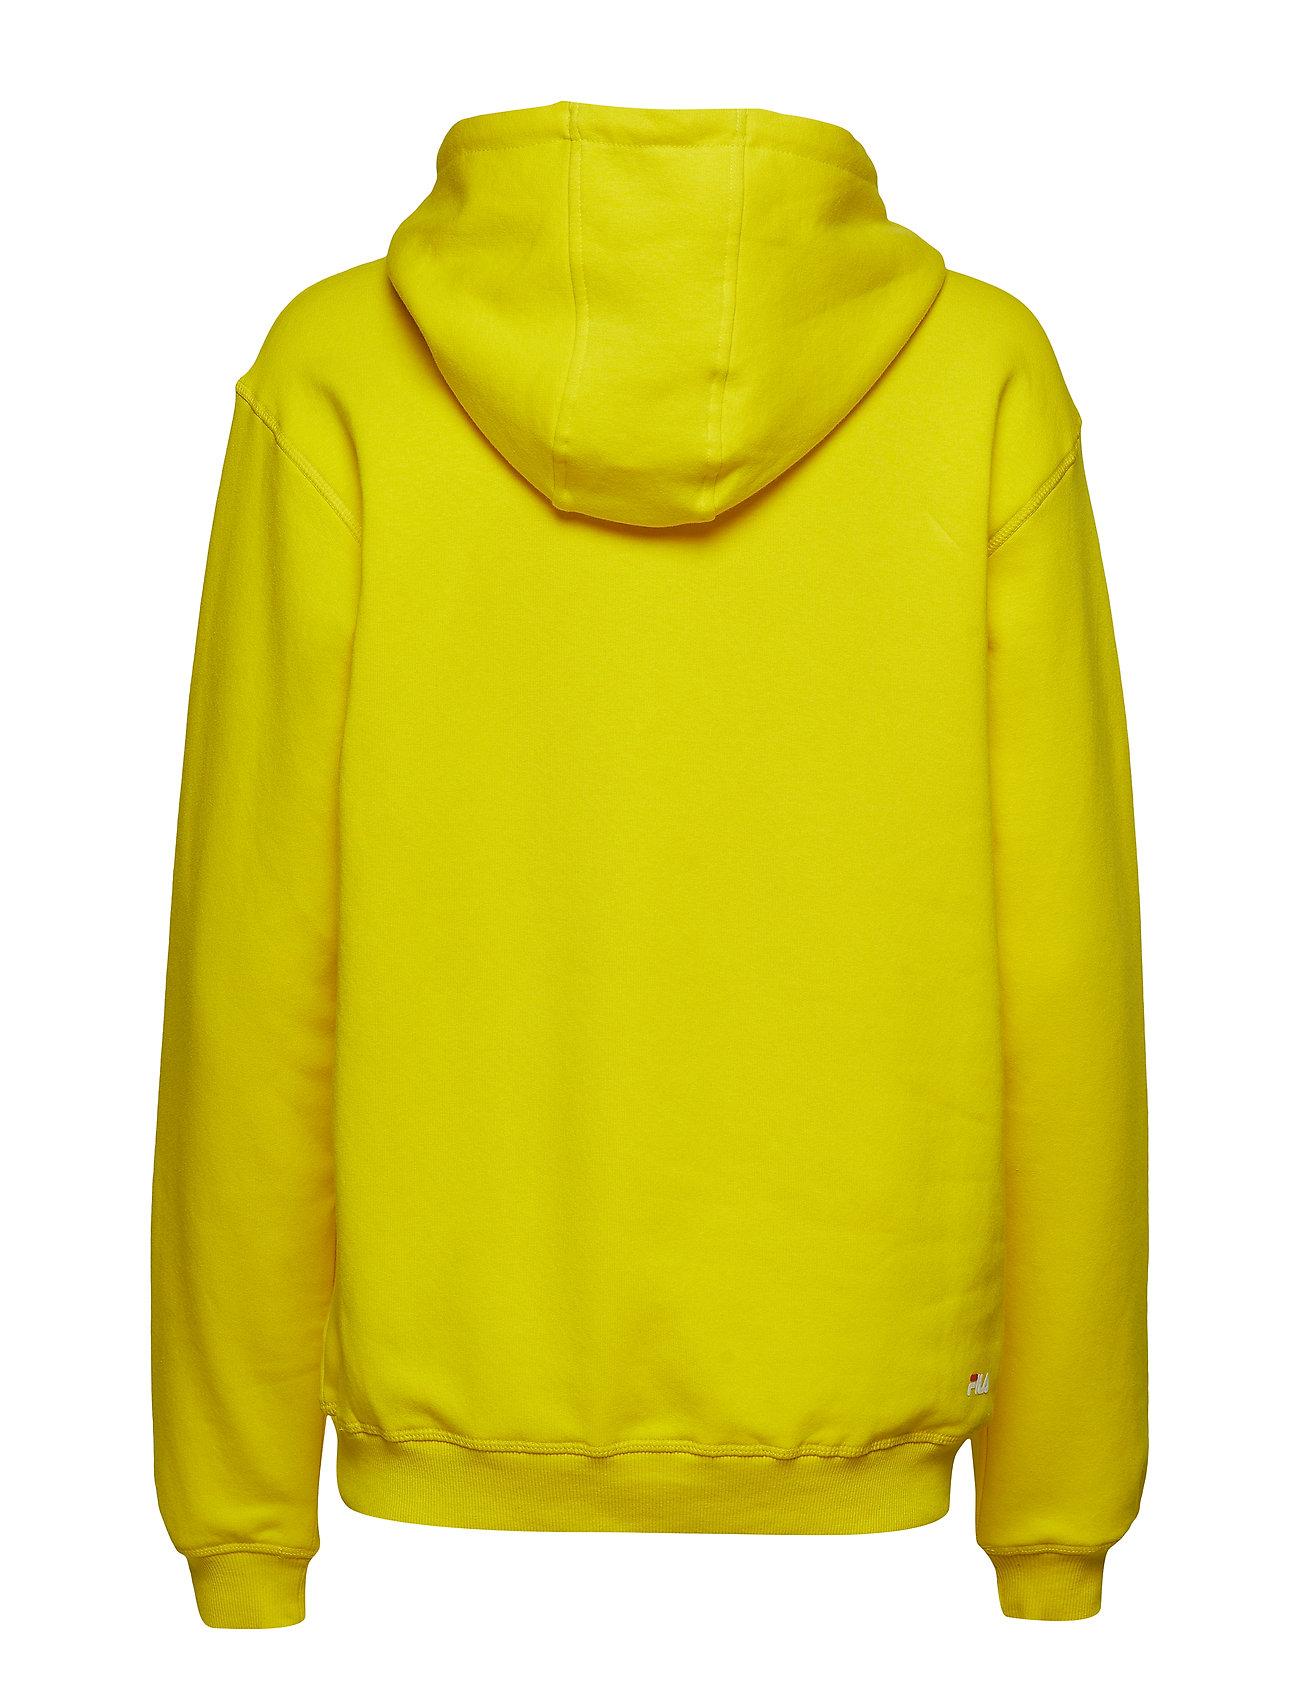 Pure Pure Unisex Classic Classic Hoodyempire Hoodyempire YellowFila Unisex BdshQrCxt